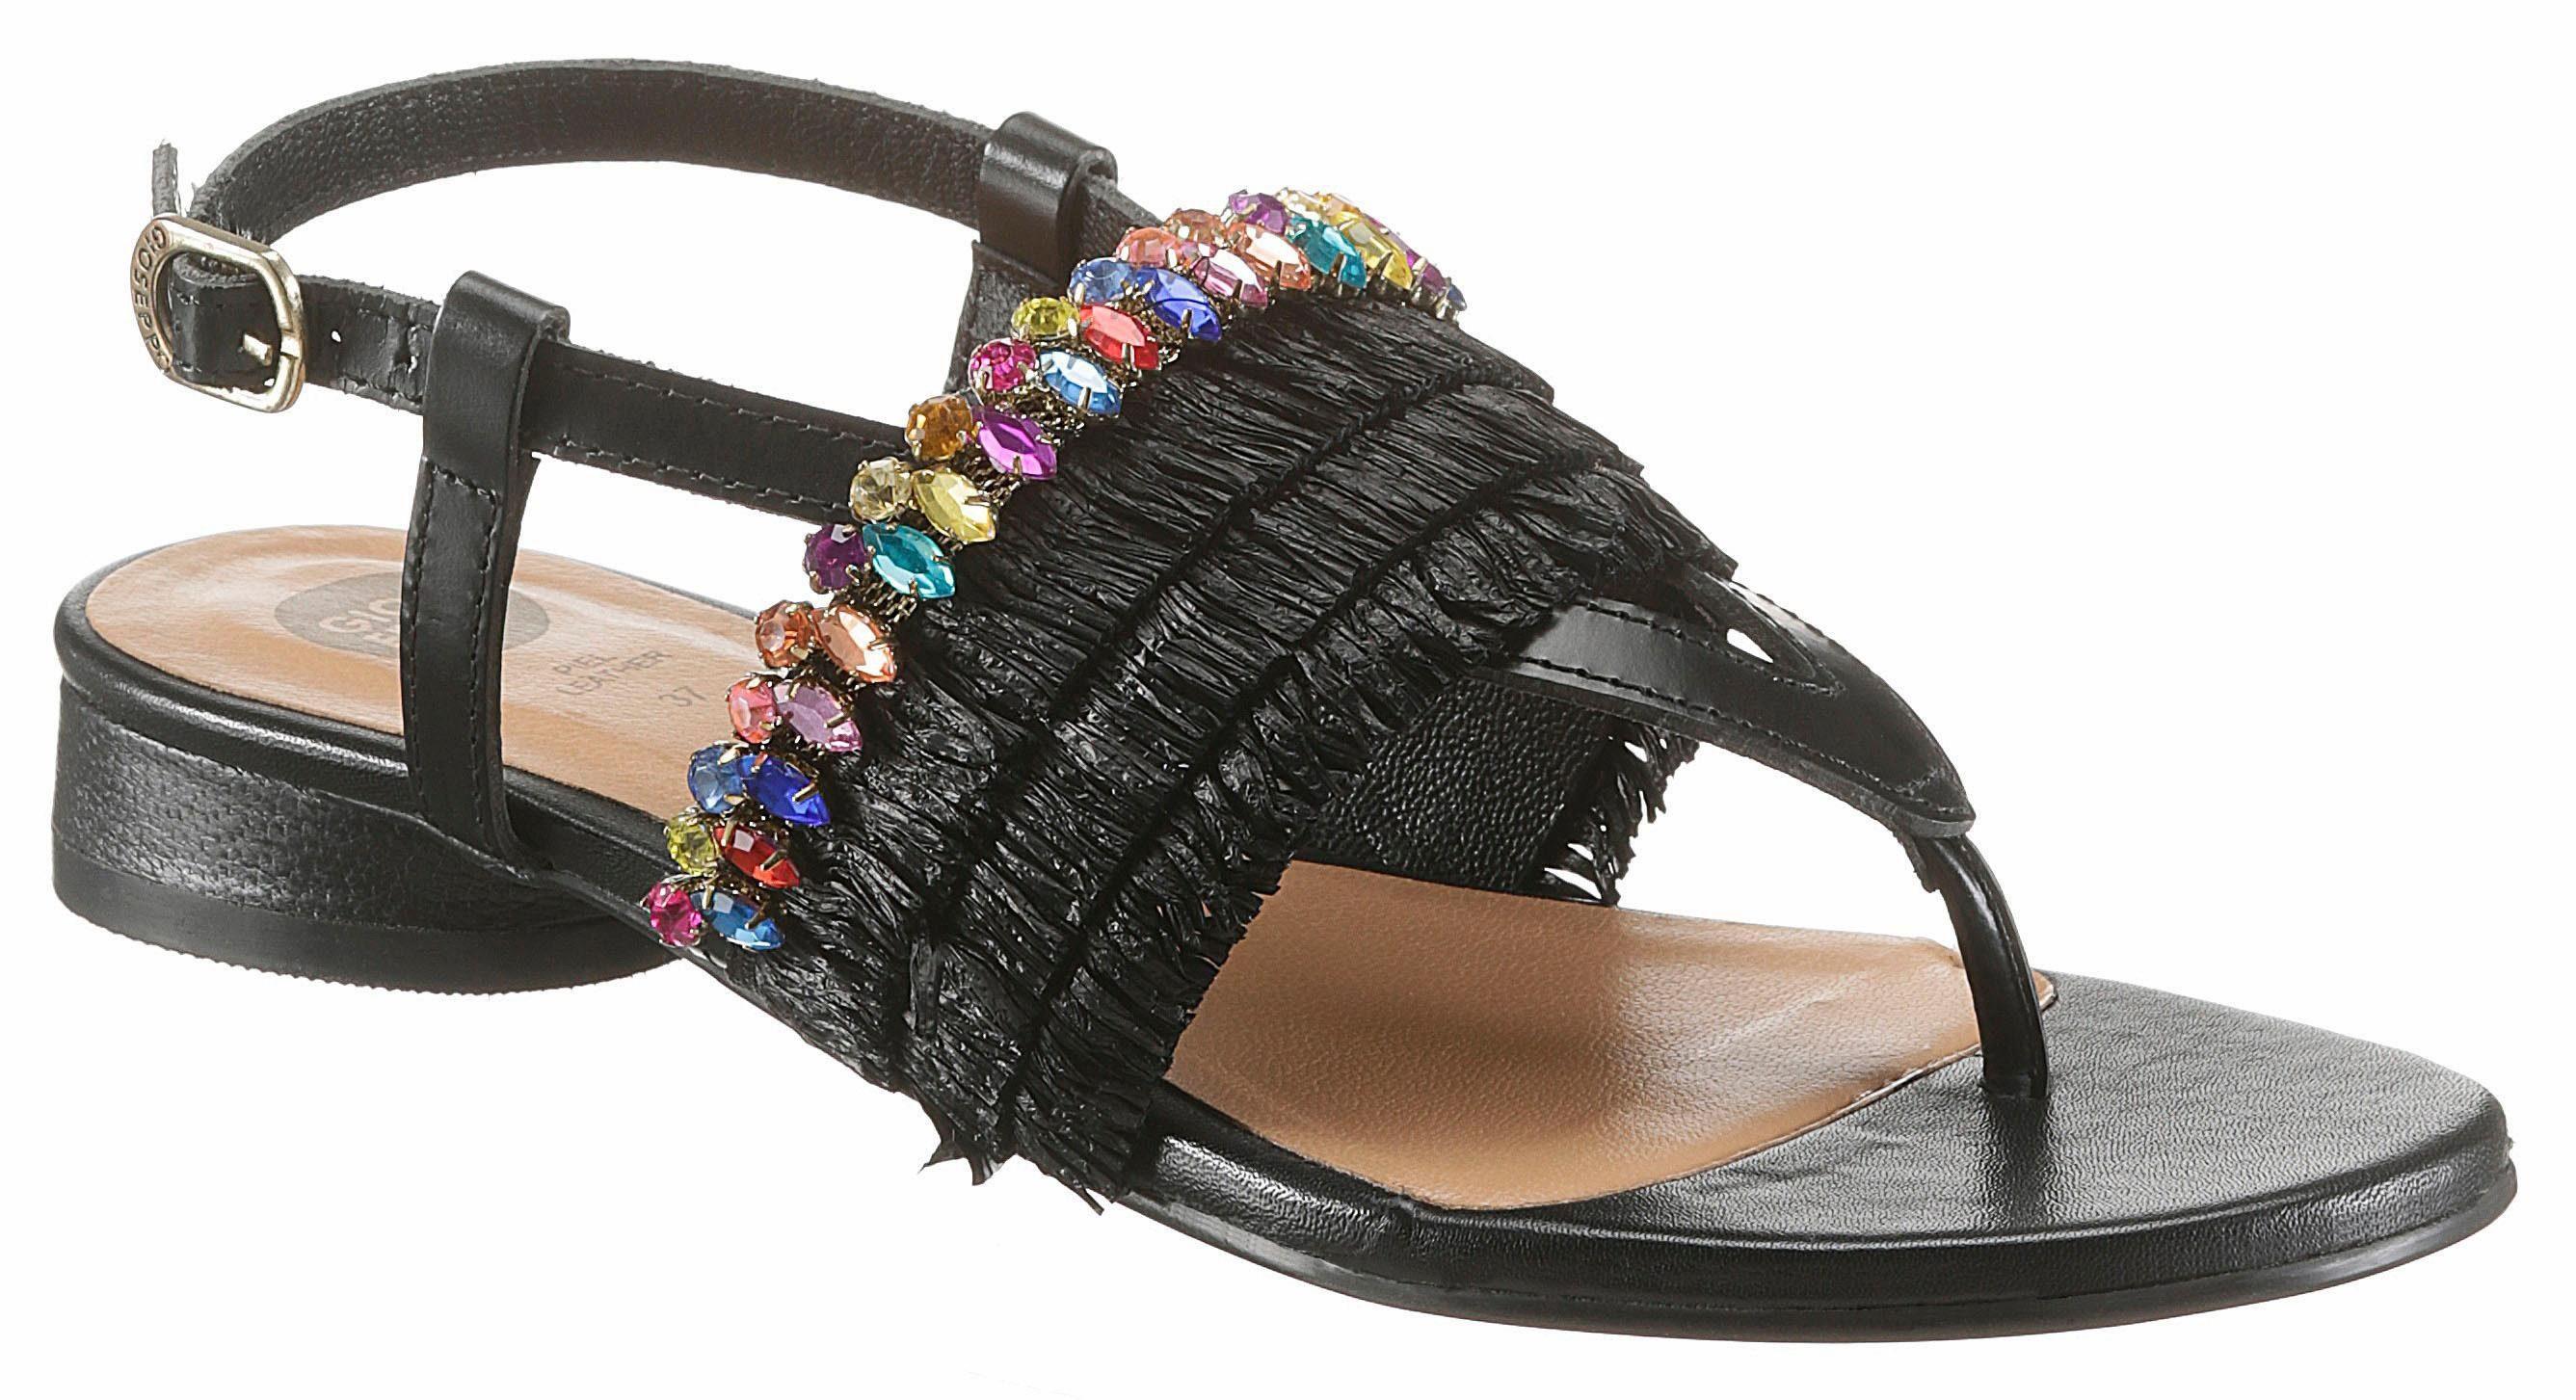 Gioseppo Sandalette, mit bunten Schmucksteinen  schwarz